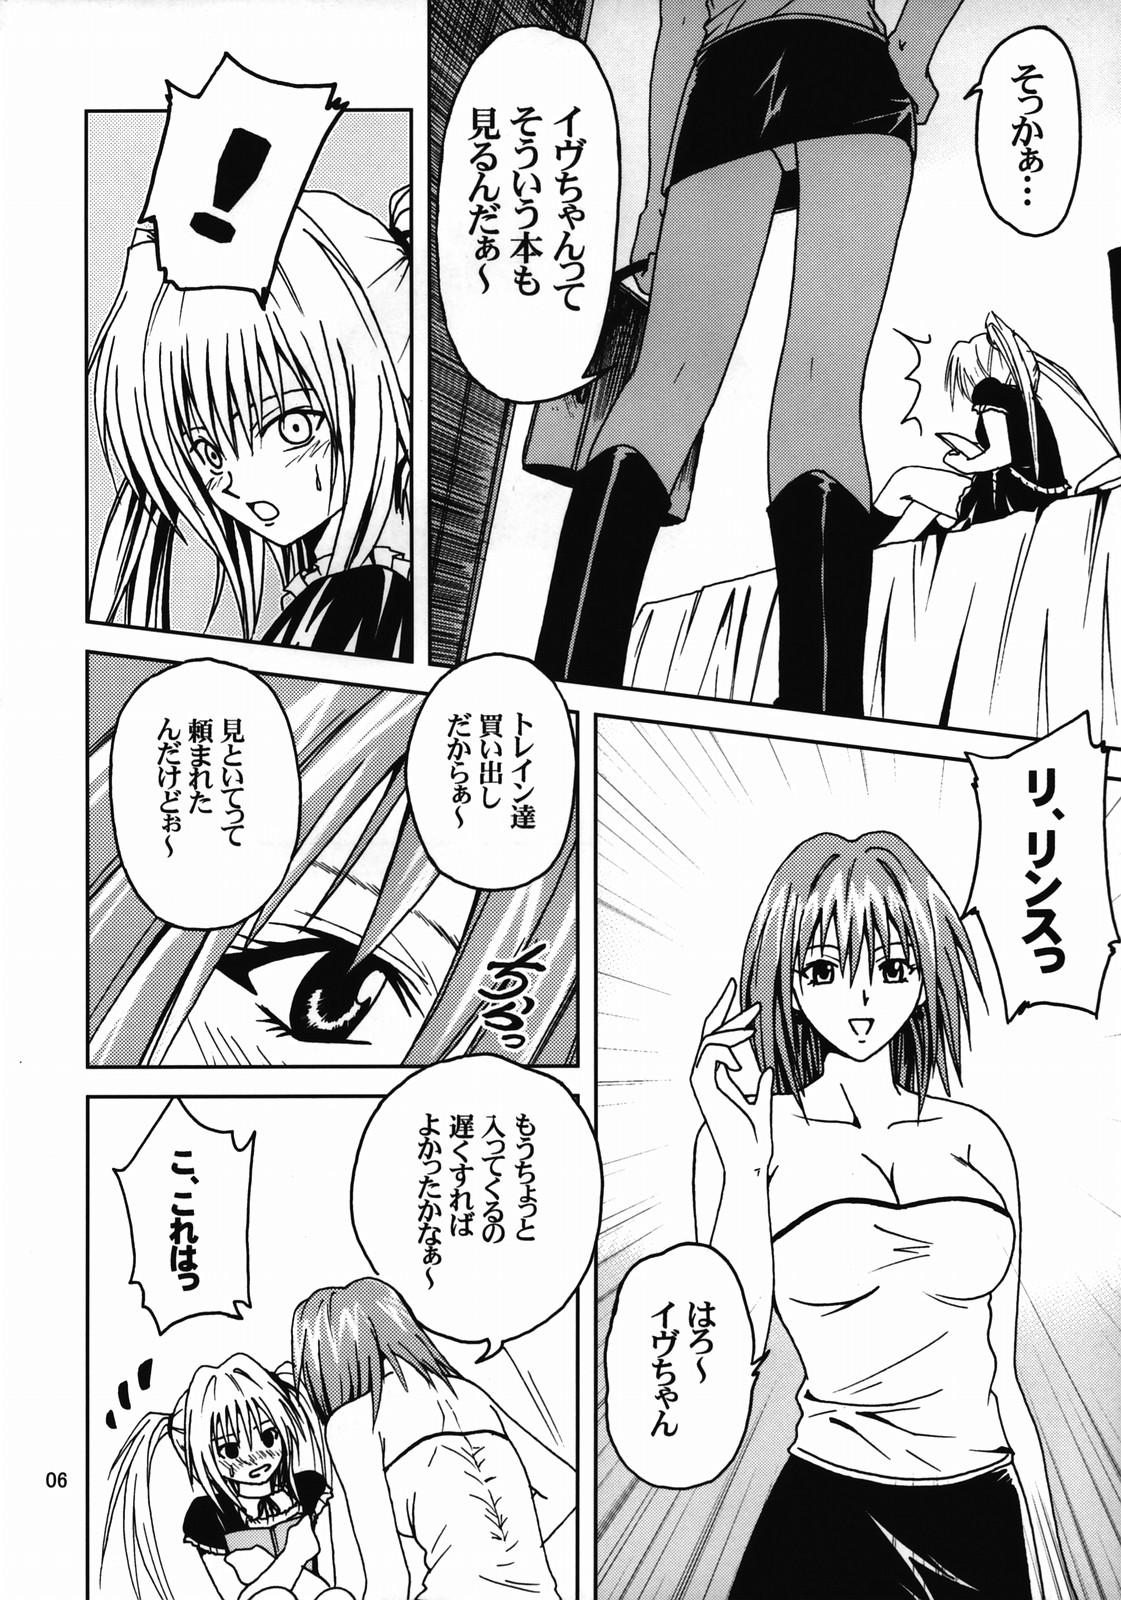 Hime no Kyuujitsu 4